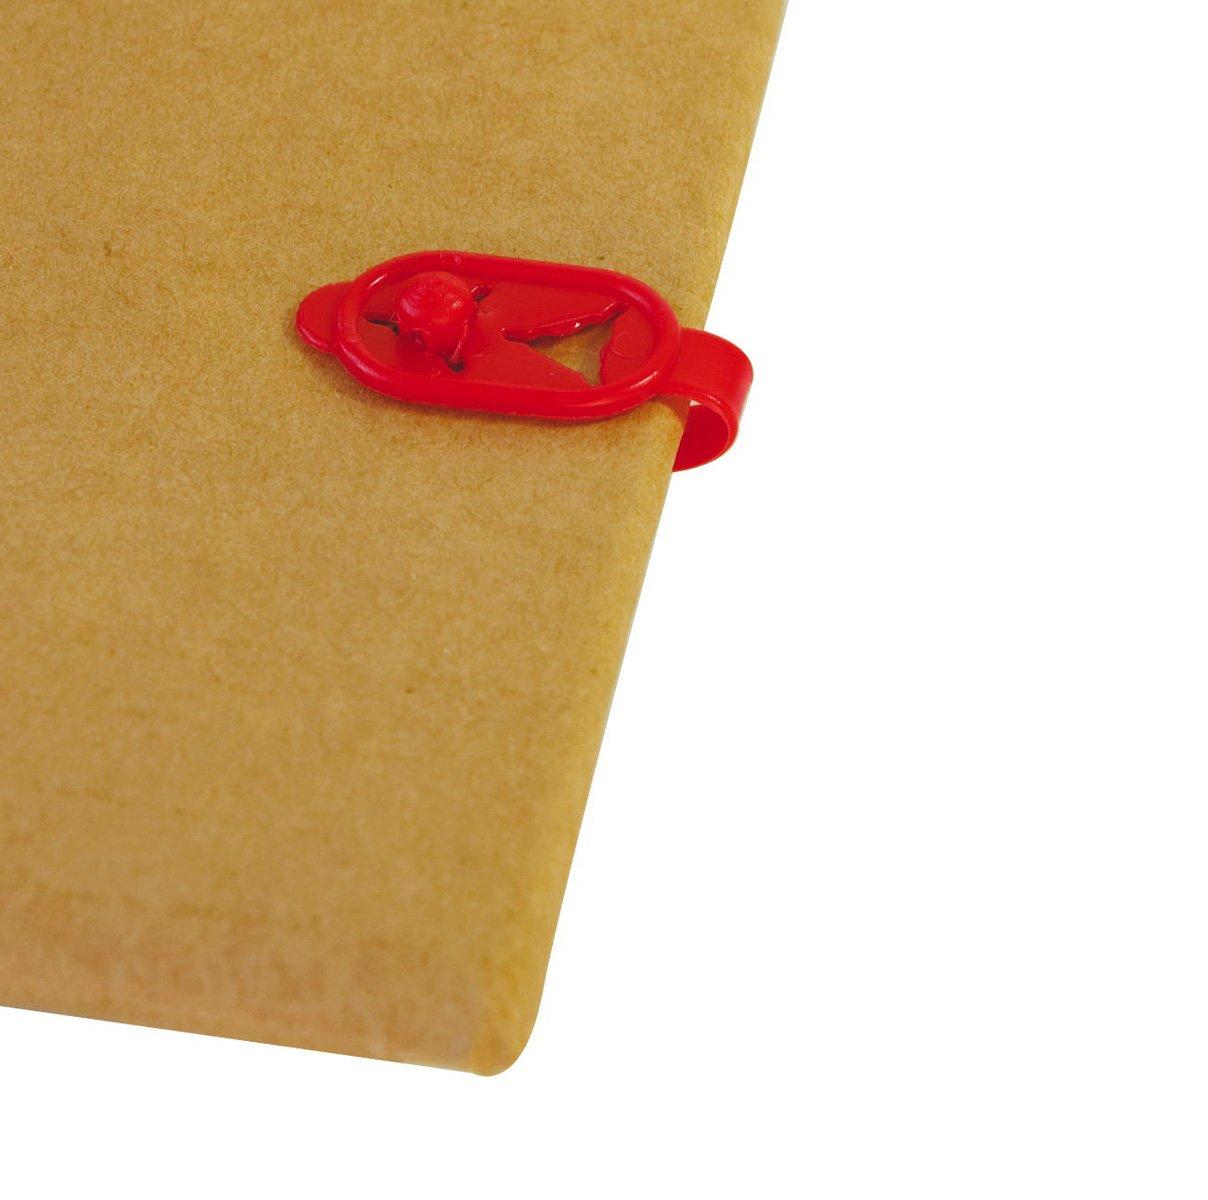 colore: nero Fascette fermafogli in polietilene 30//38 x 8 mm Laurel Duo confezione: scatola